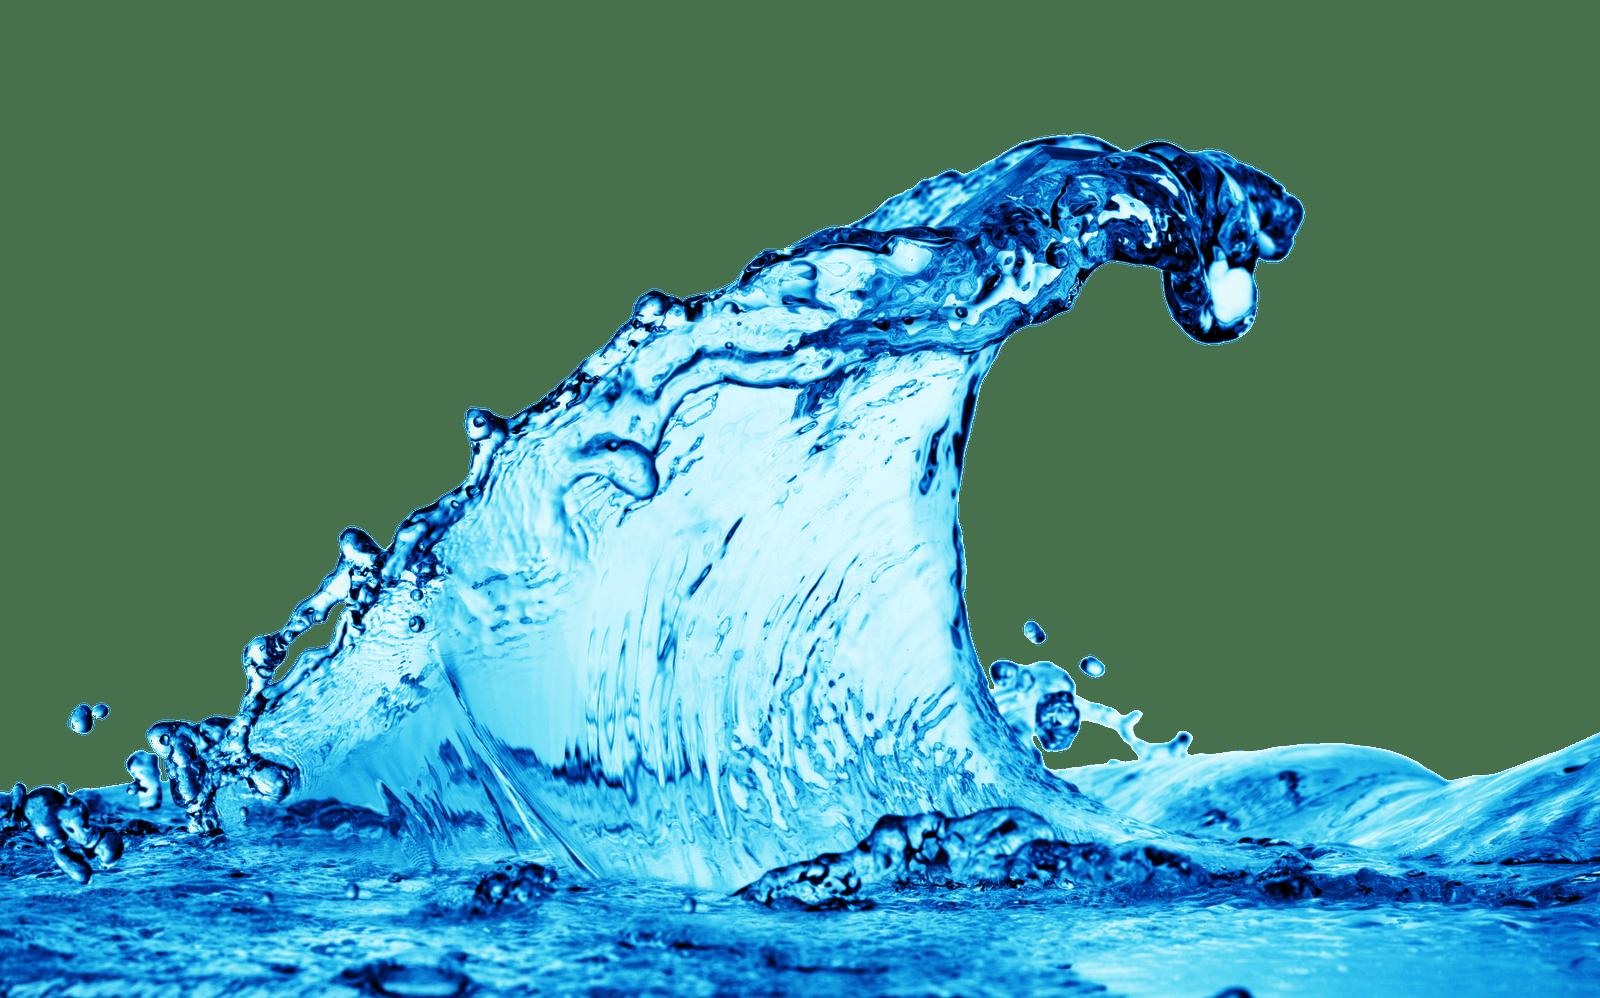 Вода - вода, брызги